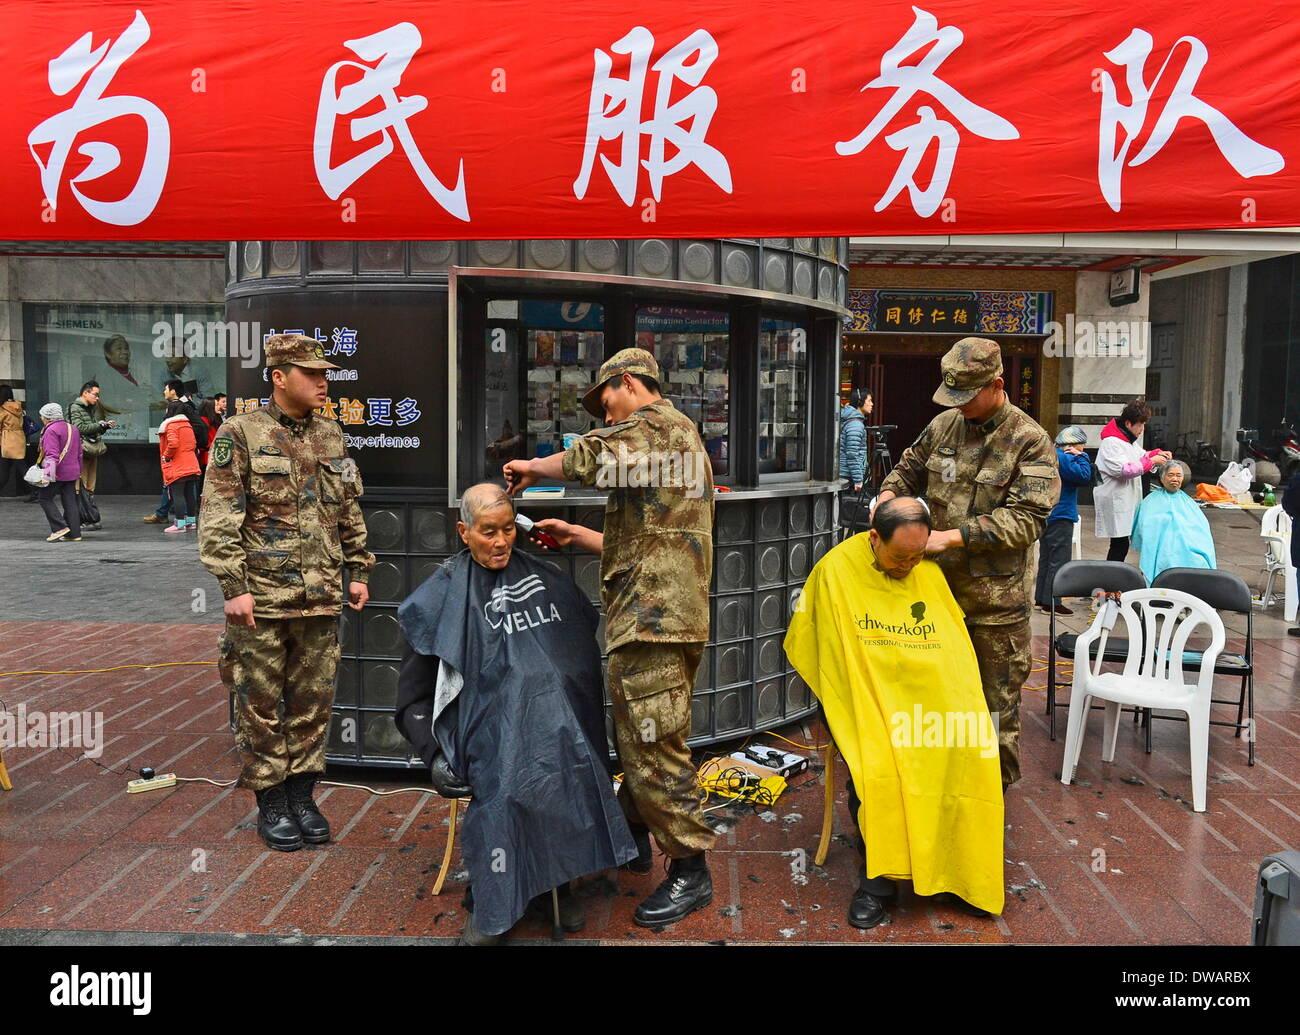 """Shanghai, soldato cinese negli anni sessanta. Il 15 agosto, 1962. Soldati offerta free haircut servizio ai cittadini a Shanghai in Cina orientale, 5 marzo 2014, in occasione della """"Lei Feng's Day"""", che cade il 5 marzo di ogni anno. Lei, un giovane soldato cinese negli anni sessanta, è noto per aver dedicato quasi tutto il suo tempo di ricambio e denaro per aiutare disinteressatamente i bisognosi. Egli è morto dopo essere stato colpito da una caduta di pole mentre aiutando un compagno soldato dirigere un carrello su 15 Agosto 1962. Credito: Guo Changyao/Xinhua/Alamy Live News Immagini Stock"""